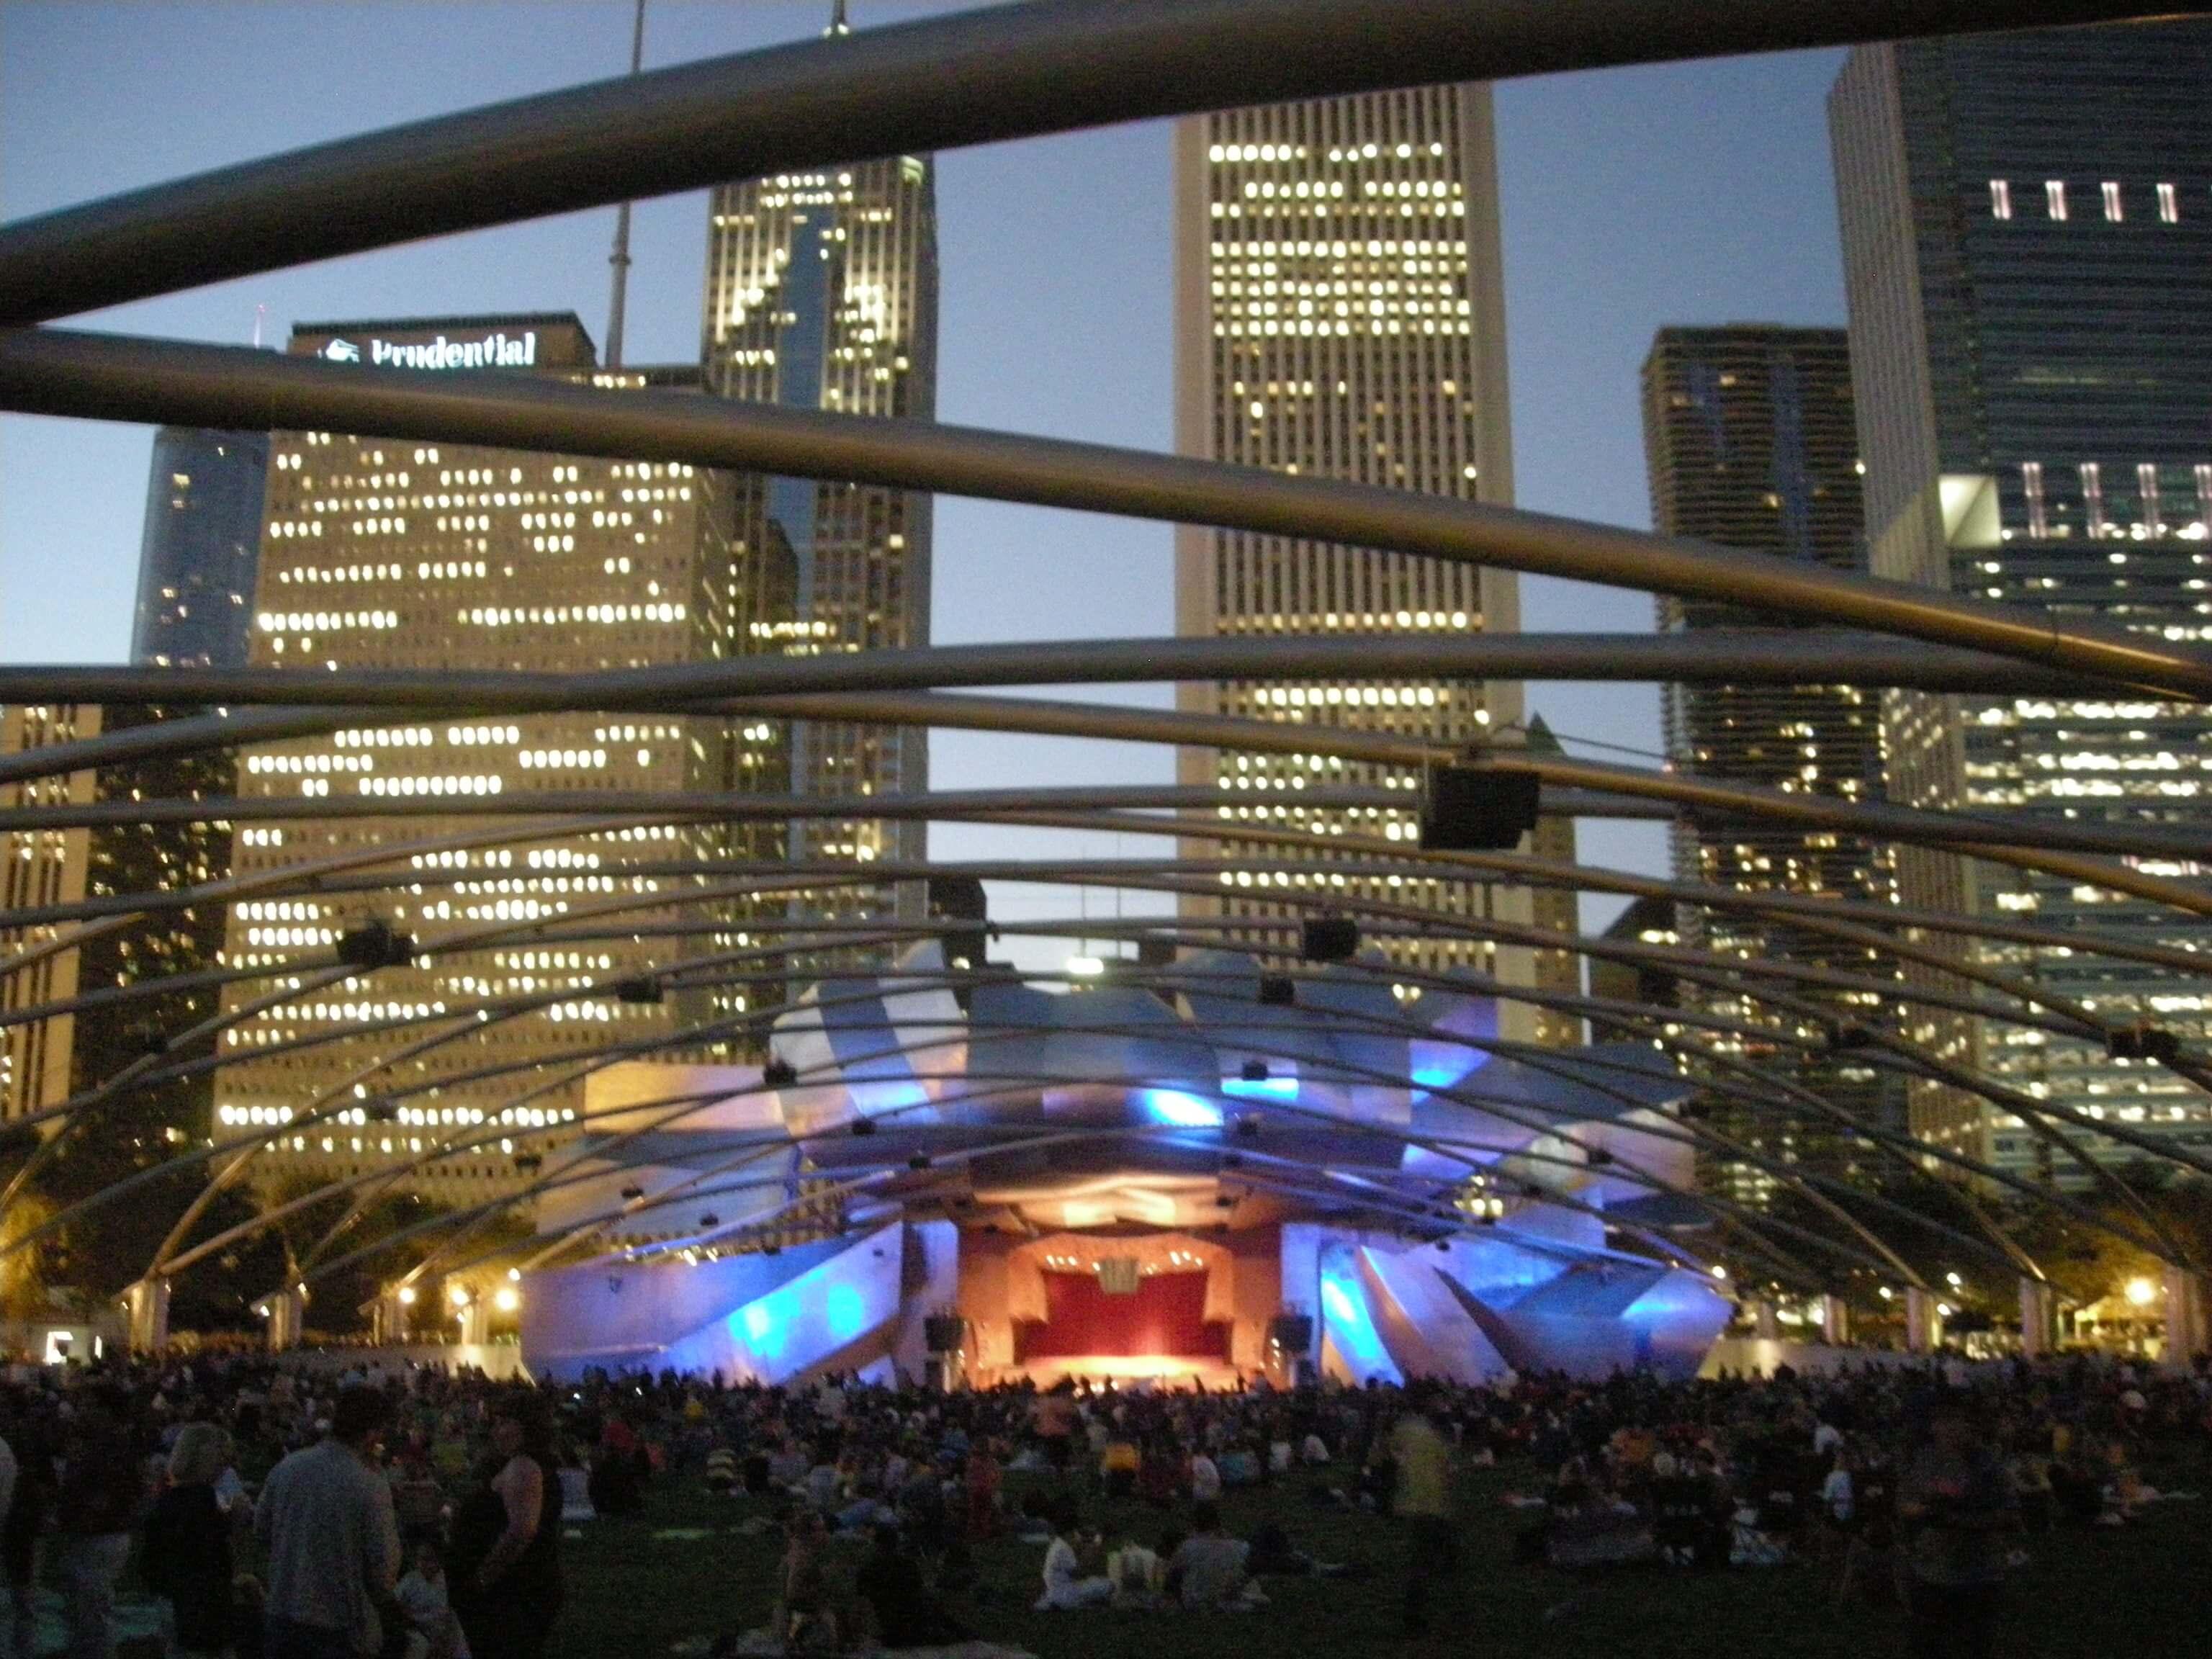 Millennium Park in Chicago, IL via wikimedia.org